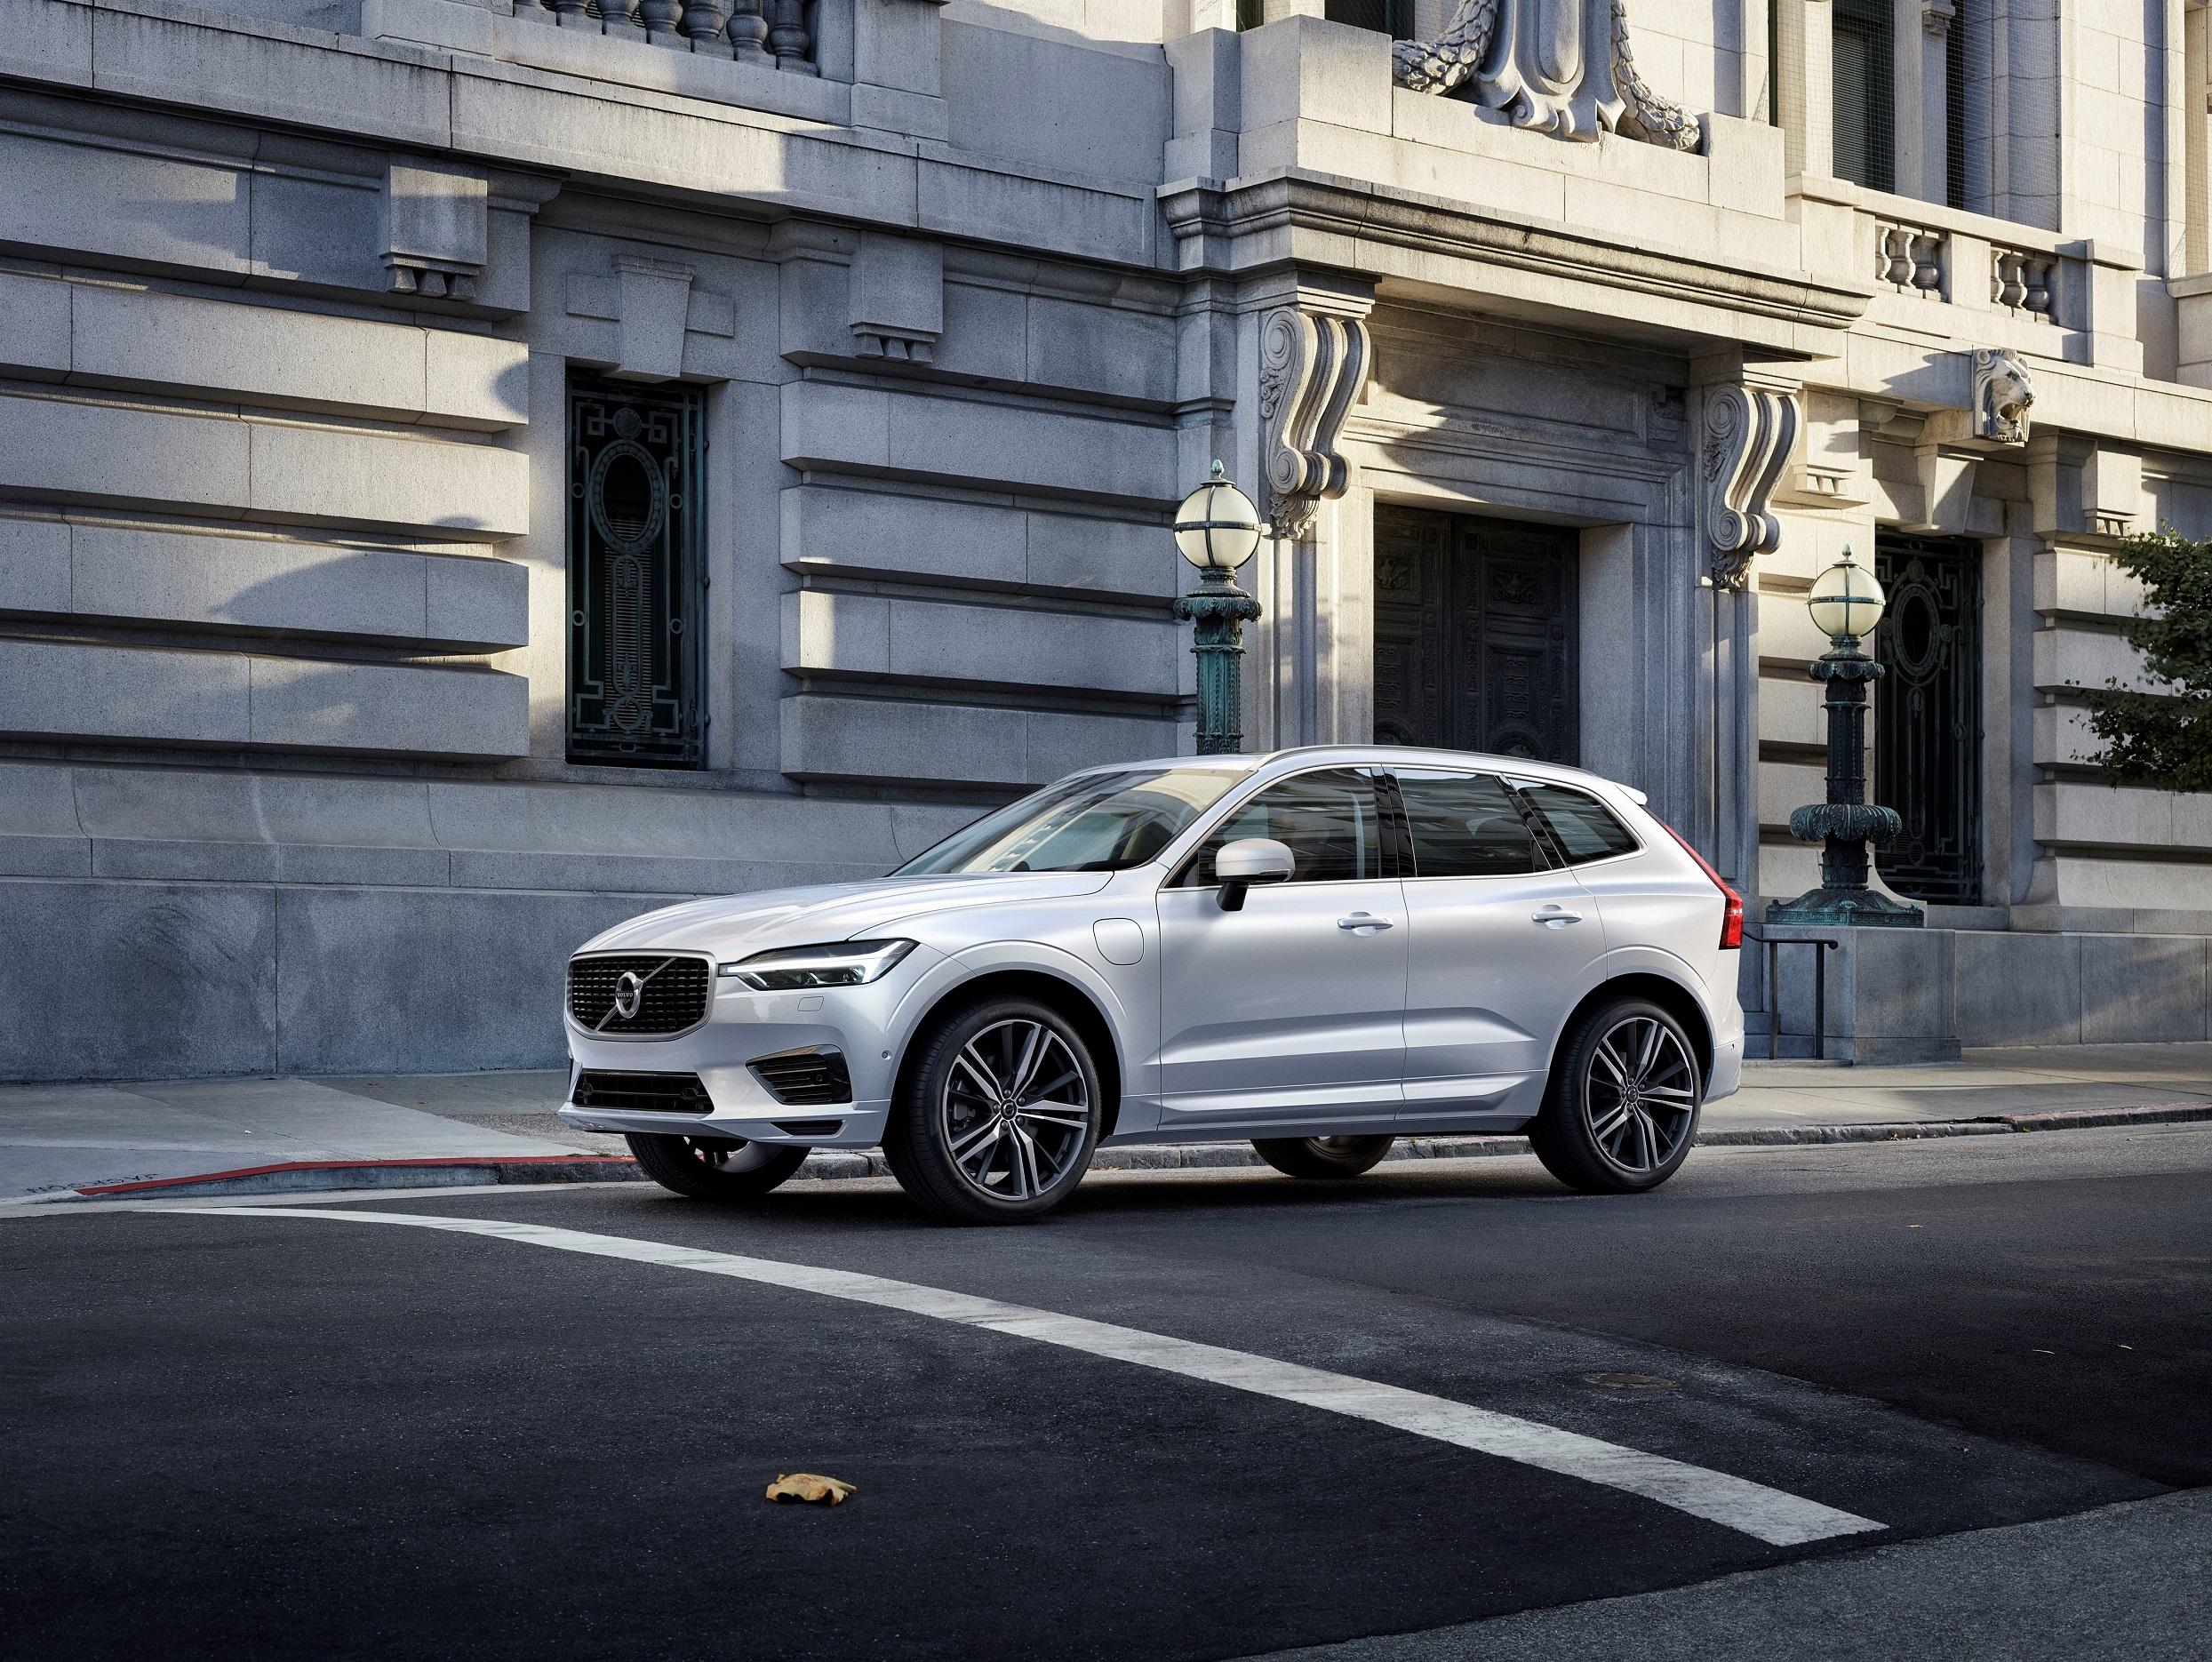 2019 Volvo XC60 T8 R-Design